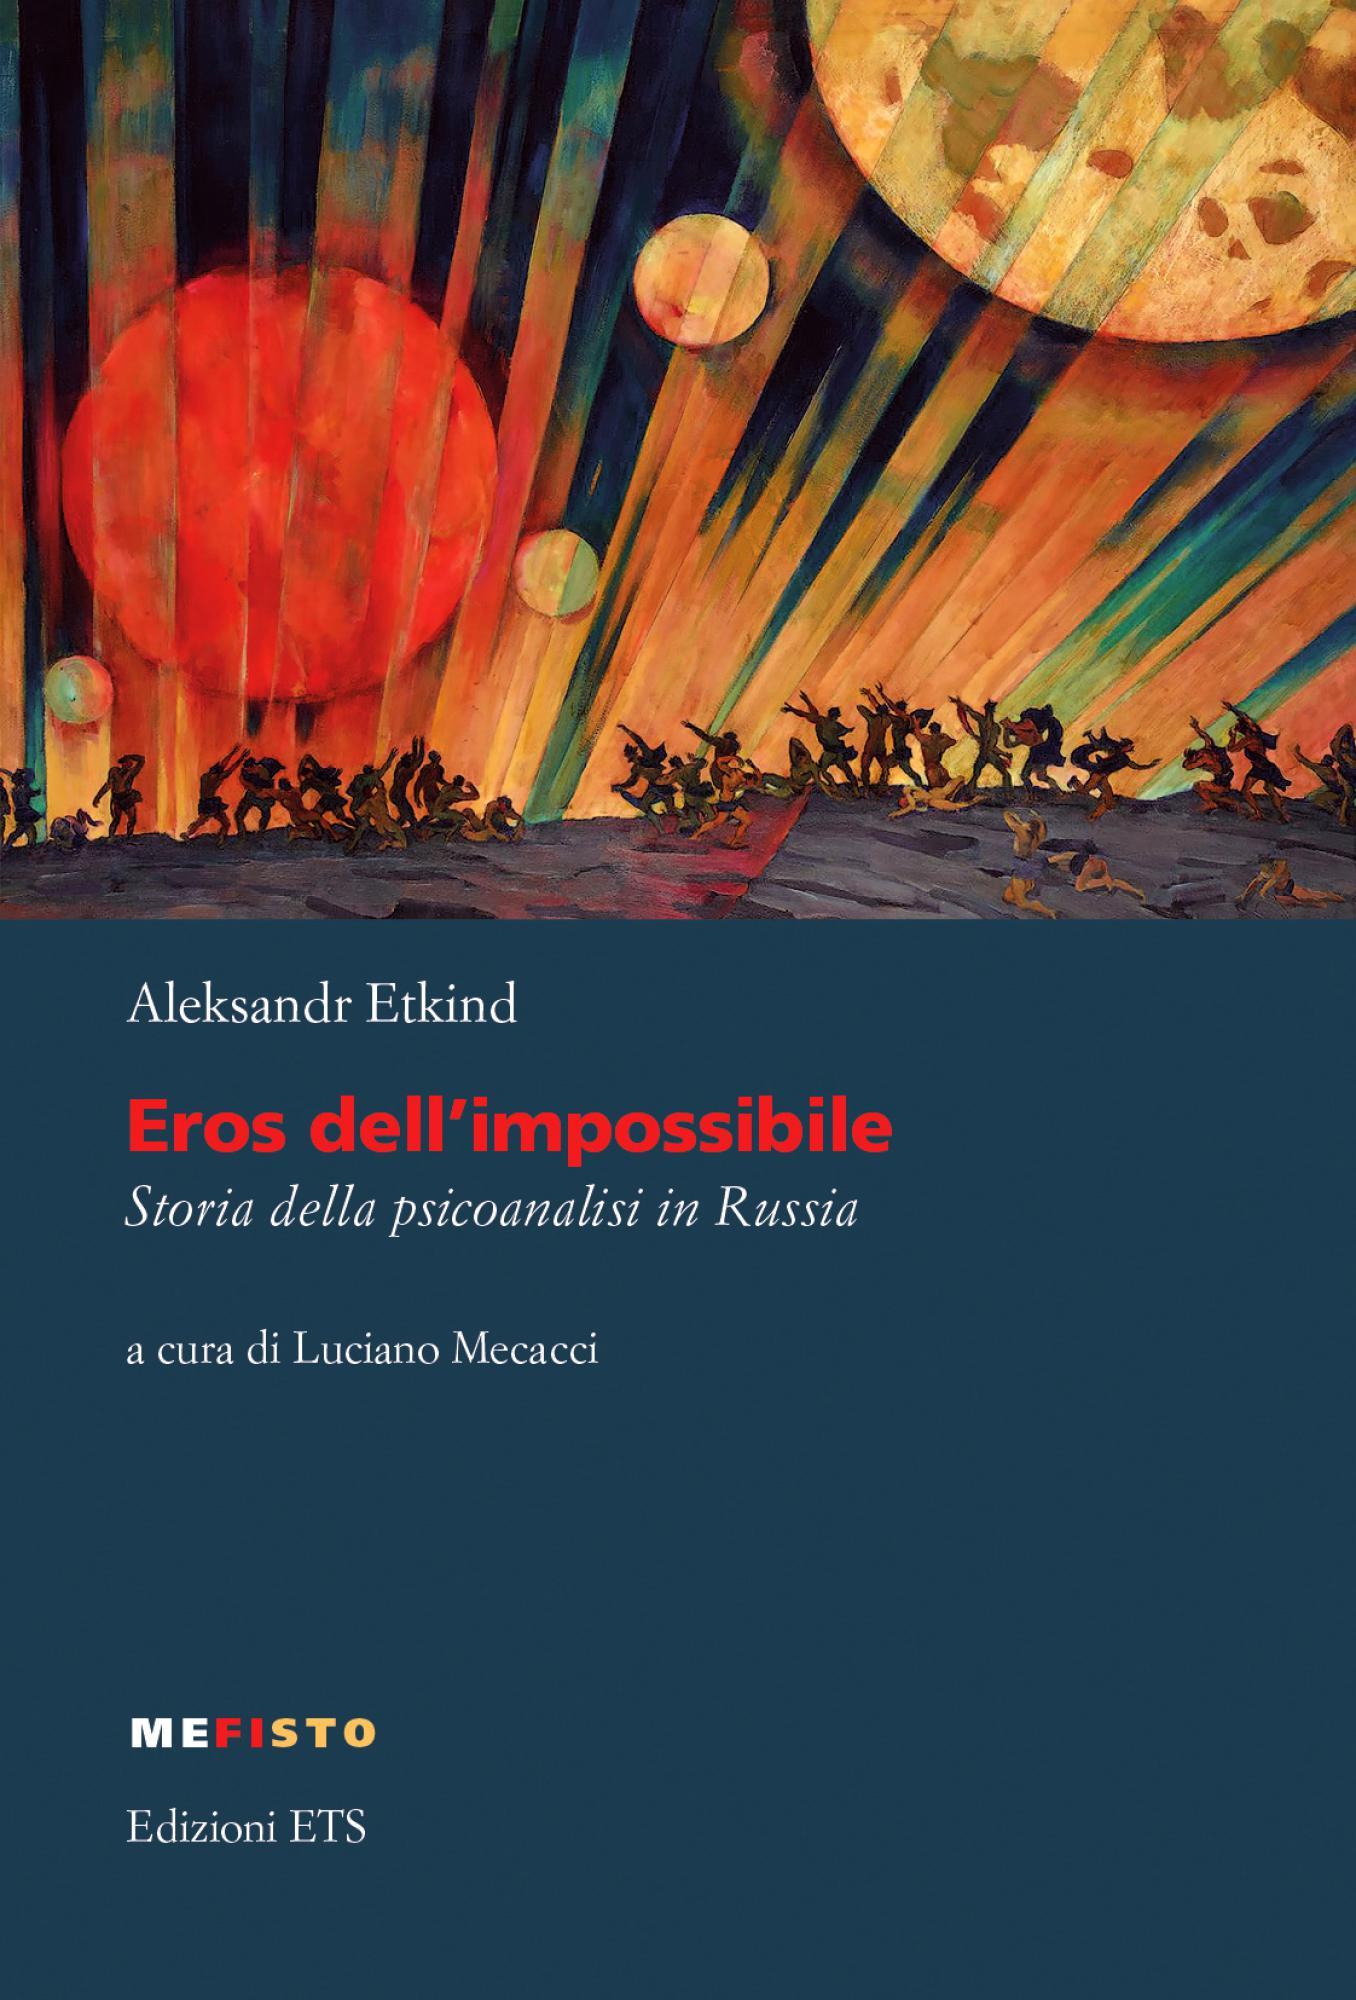 Eros dell'impossibile.Storia della psicoanalisi in Russia